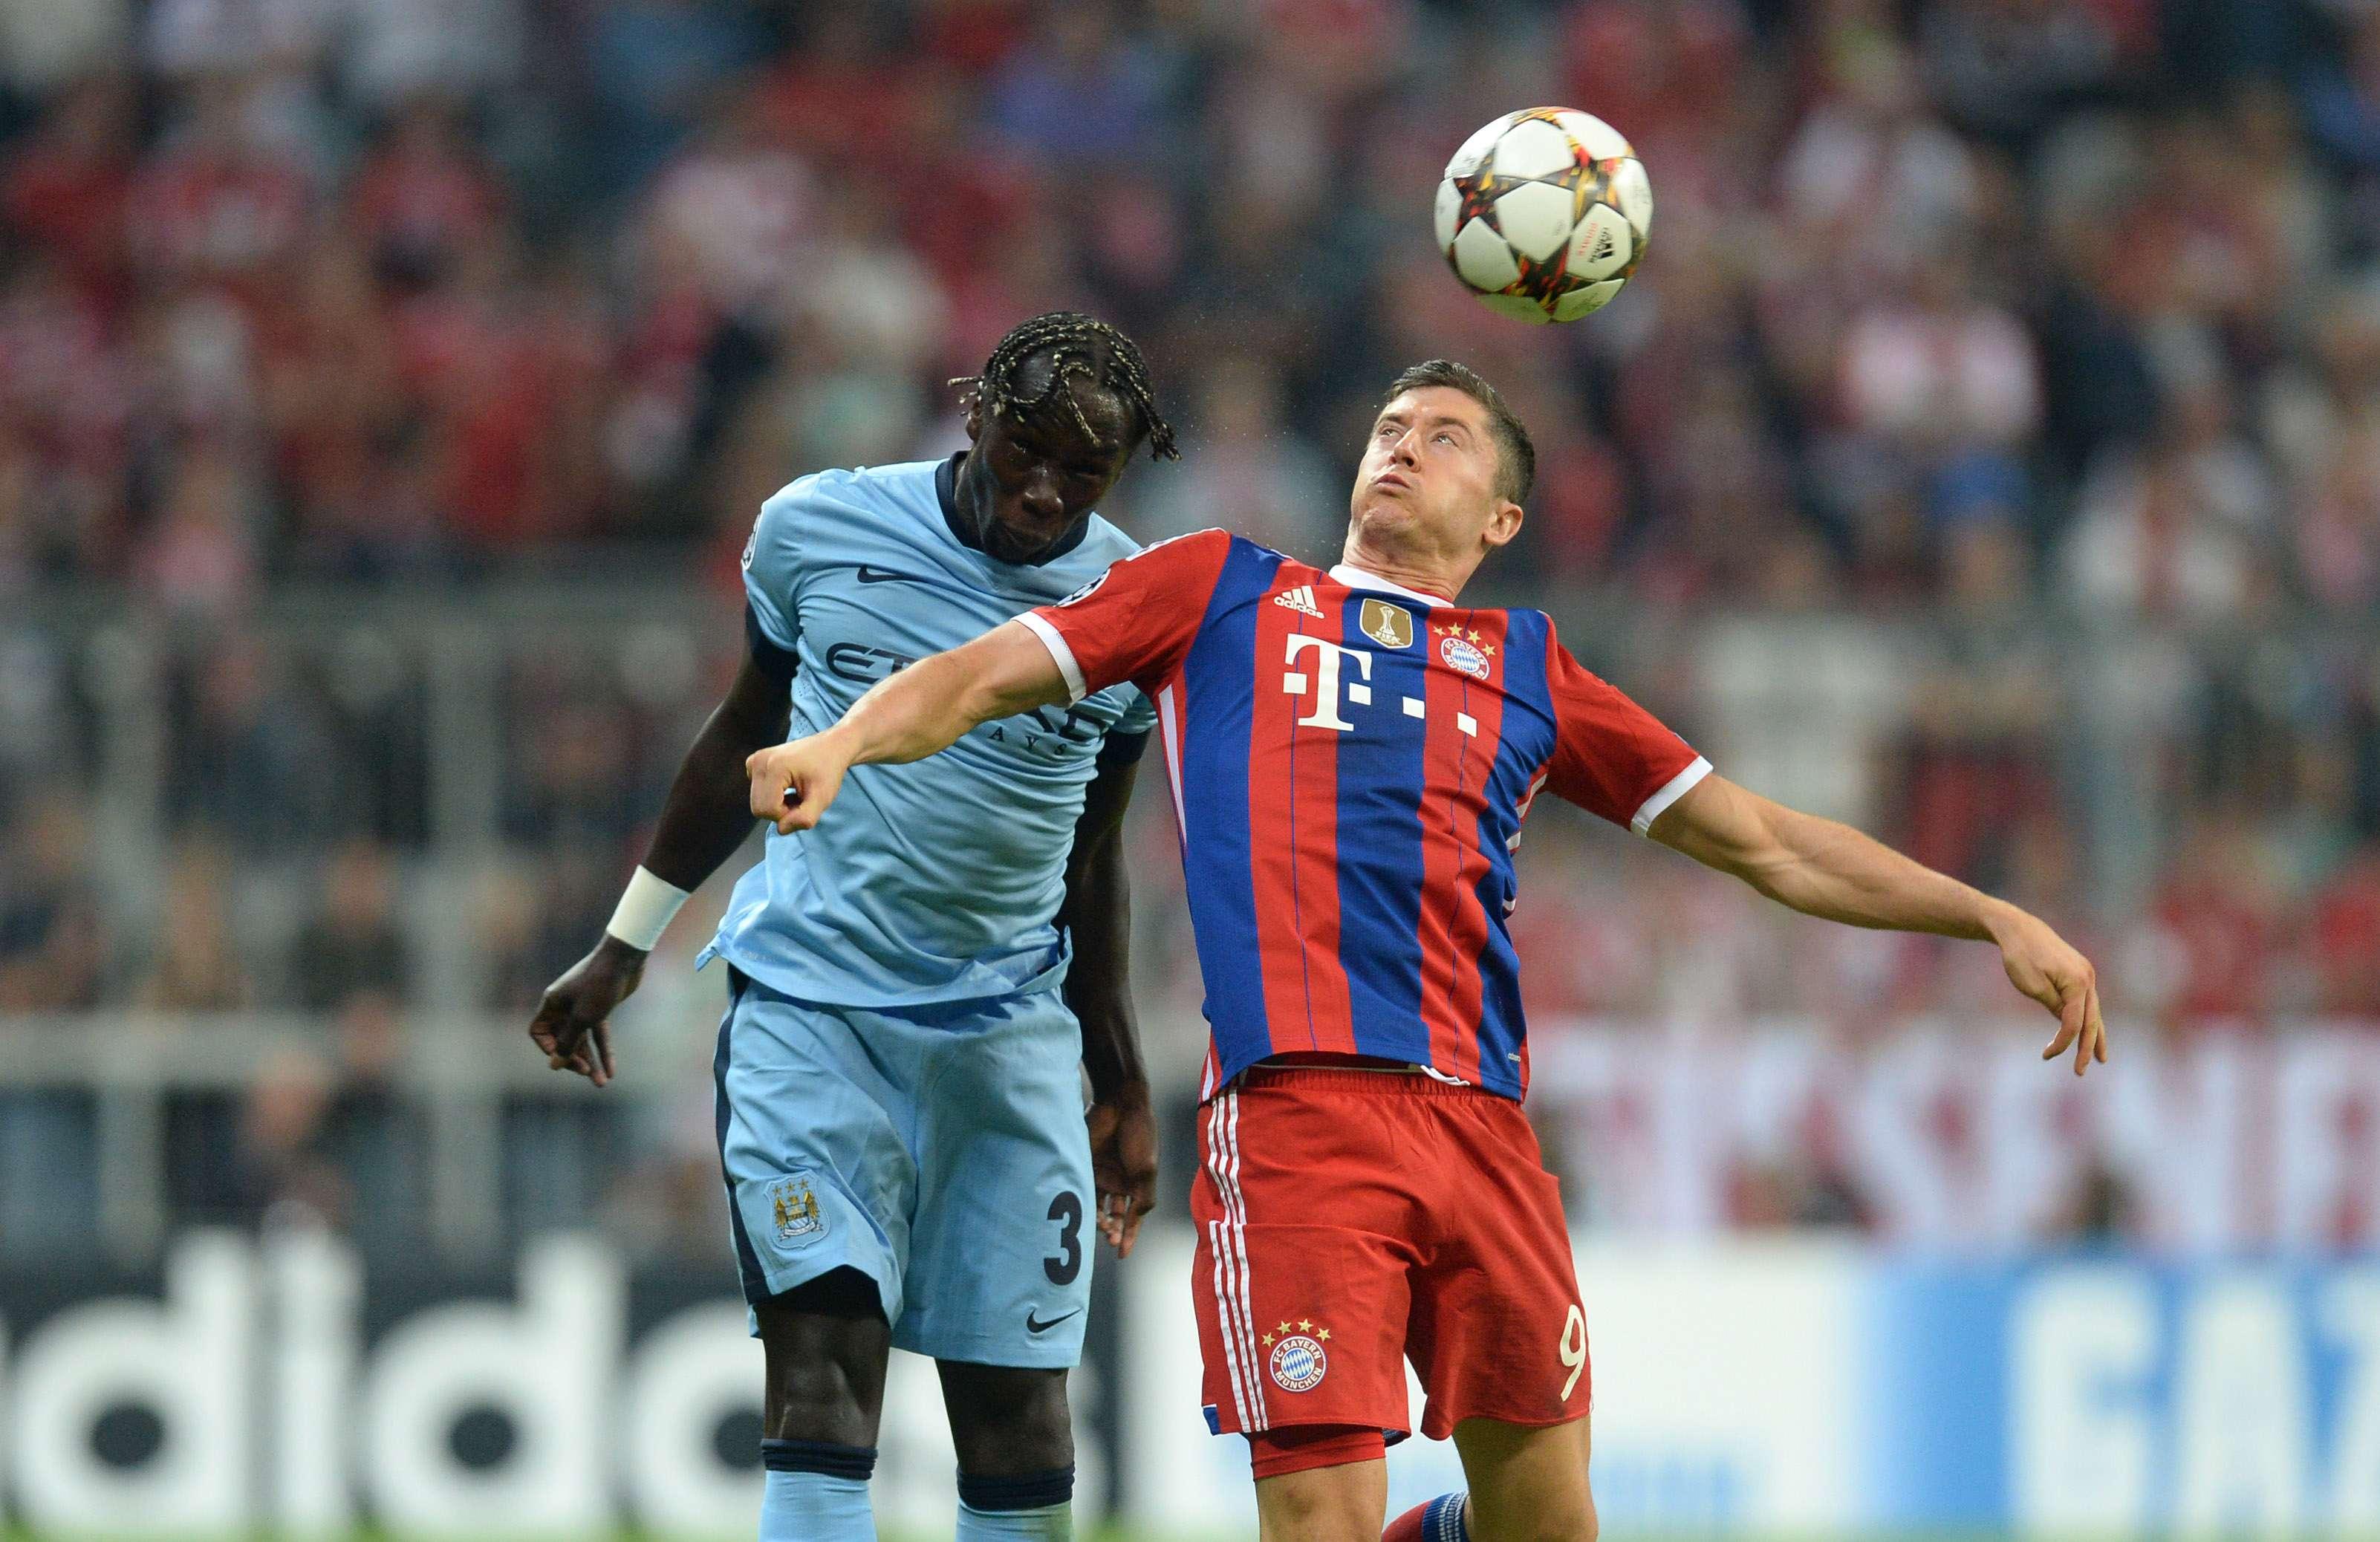 Sin Manuel Pellegrini dirigiendo a sus pupilos por suspensión, el Manchester City logró arrebatarle un empate 0-0 al Bayern Munich, en Berlín, en el debut de ambos por el Grupo E de Champions League. Foto: AFP en español